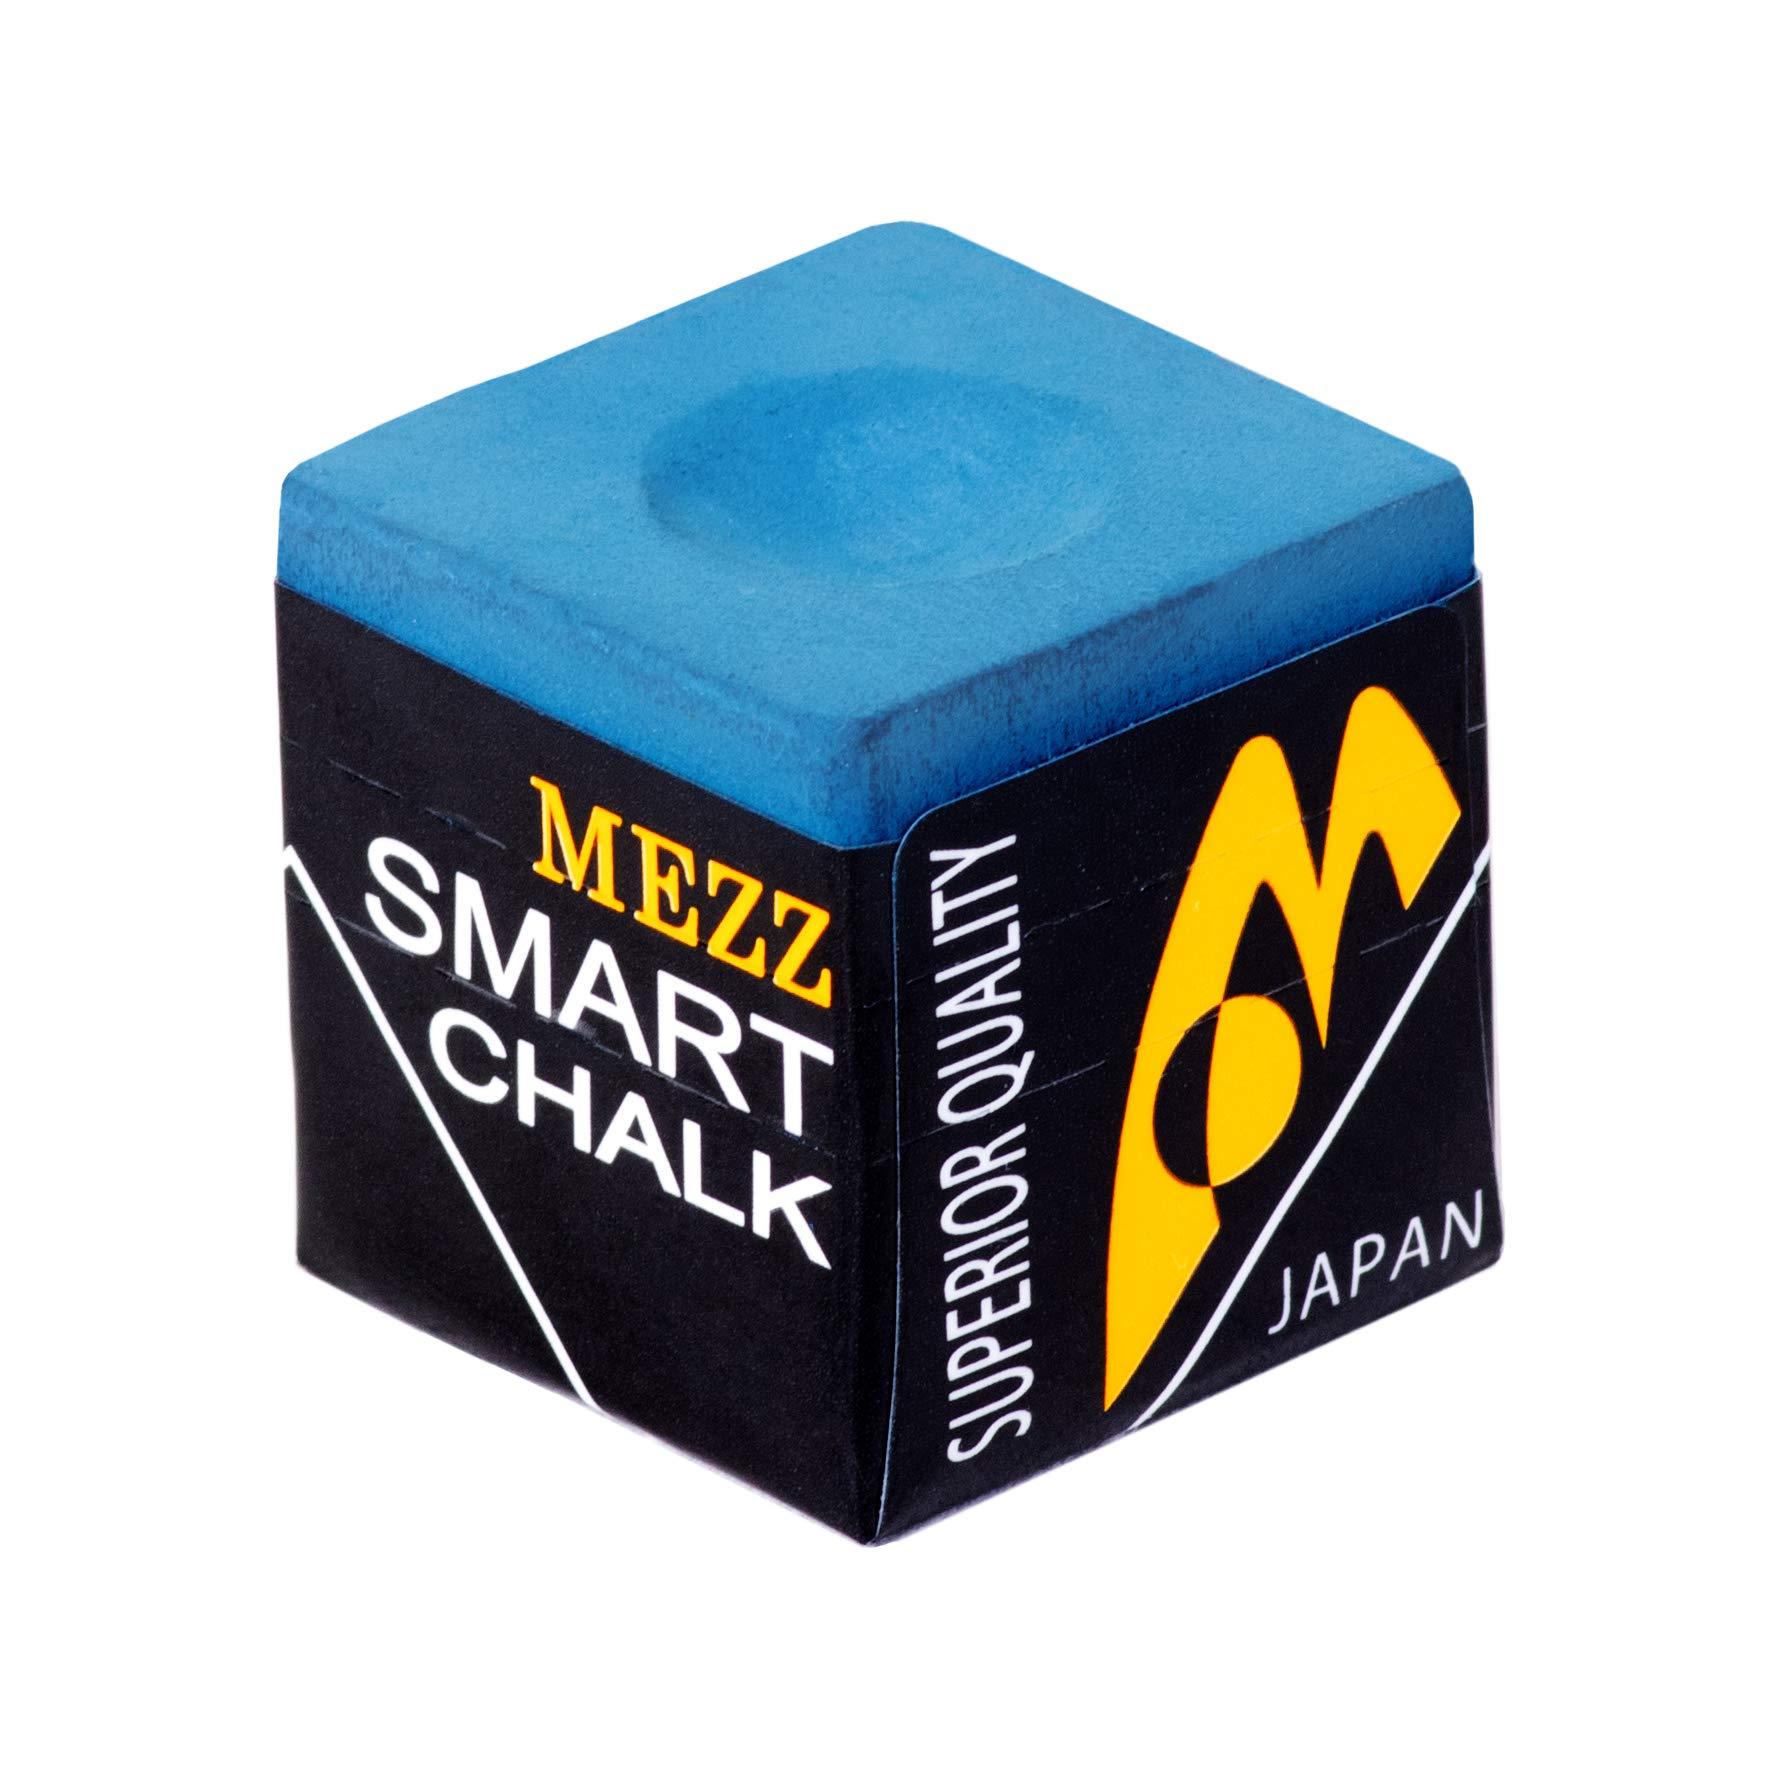 MEZZ Smart - Tiza para Billar, Color Azul: Amazon.es: Deportes y aire libre